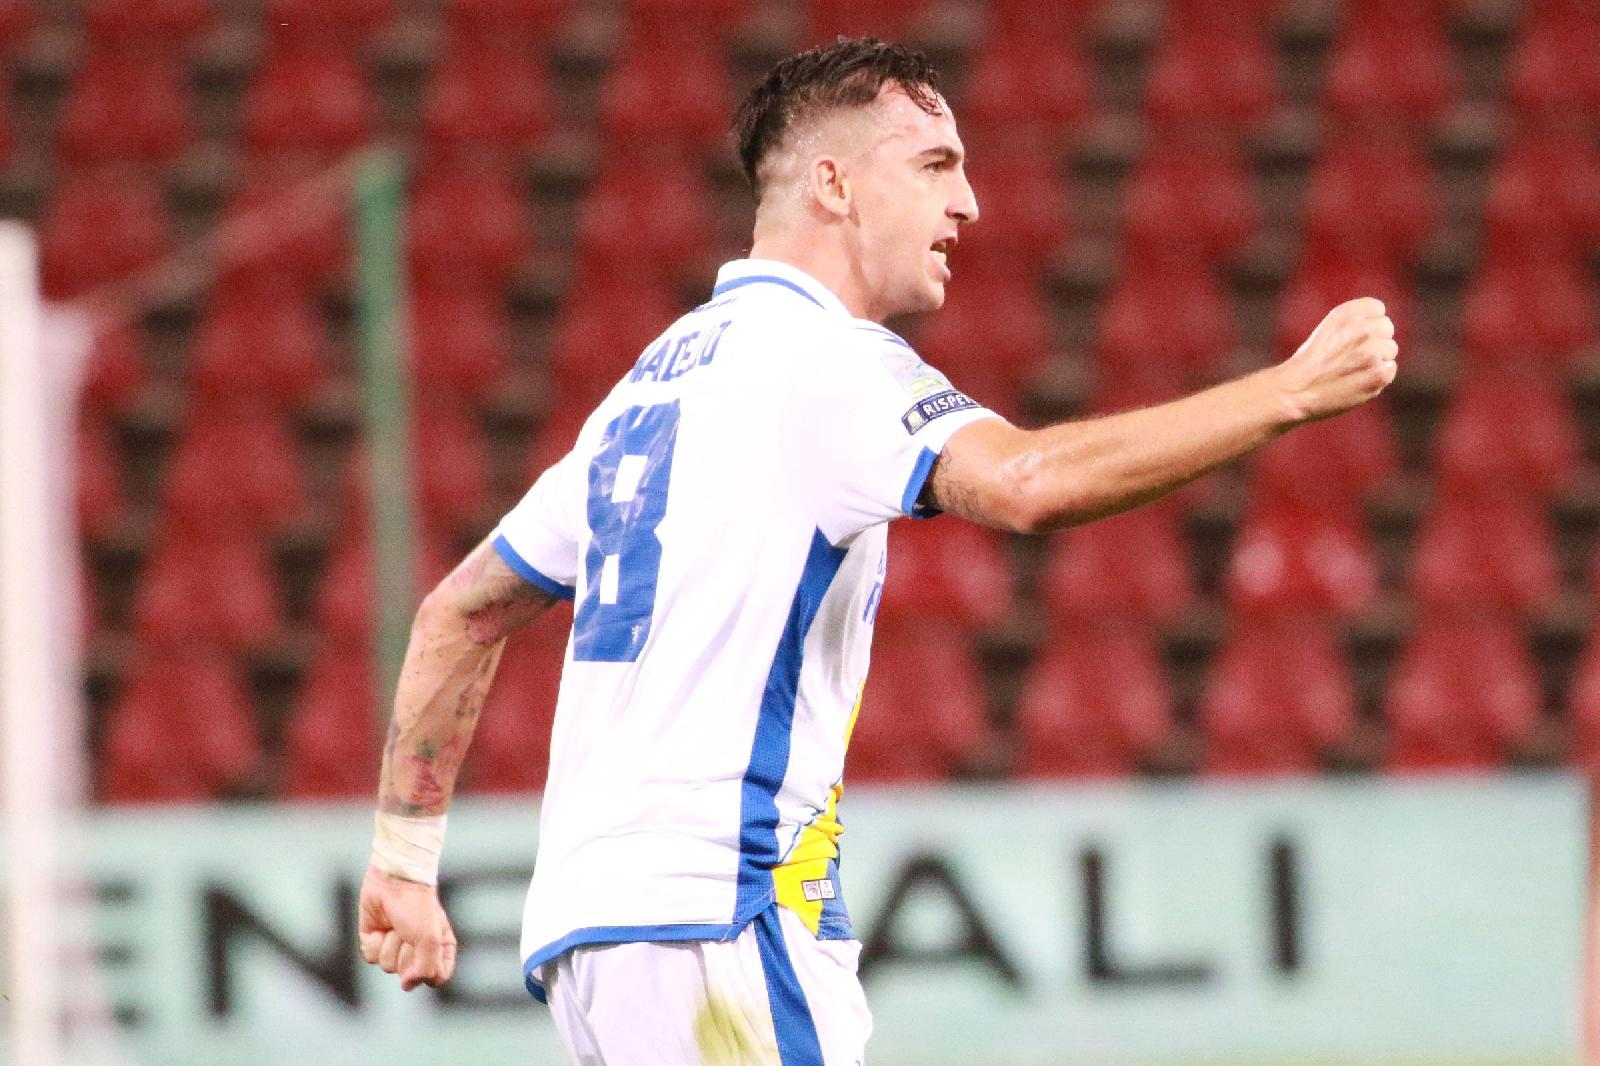 Playoff Serie B, rimonta Frosinone: Pordenone battuto e finale conquistata